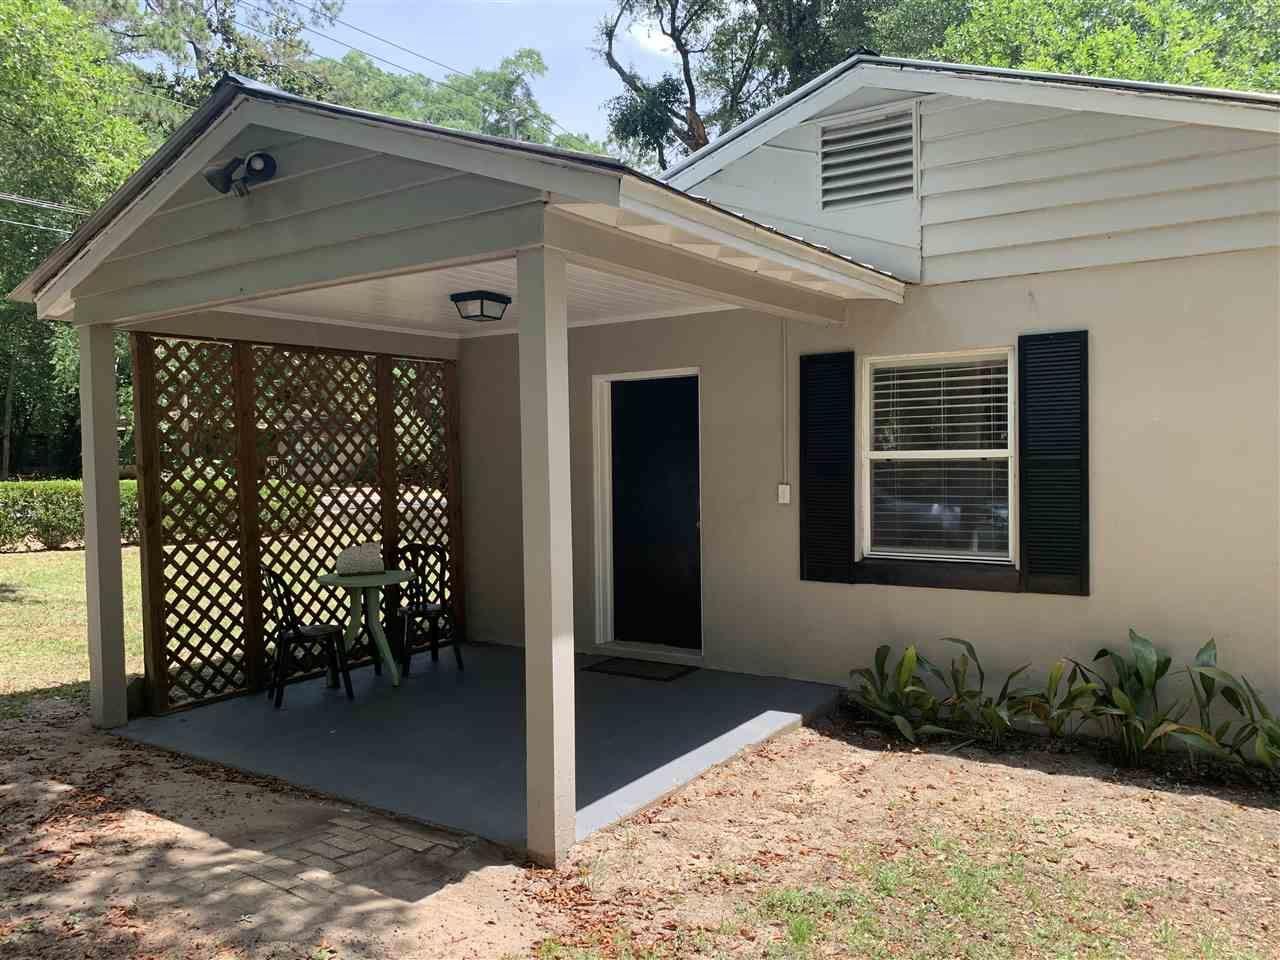 Photo of 1622 Rankin Ave, TALLAHASSEE, FL 32310 (MLS # 333420)